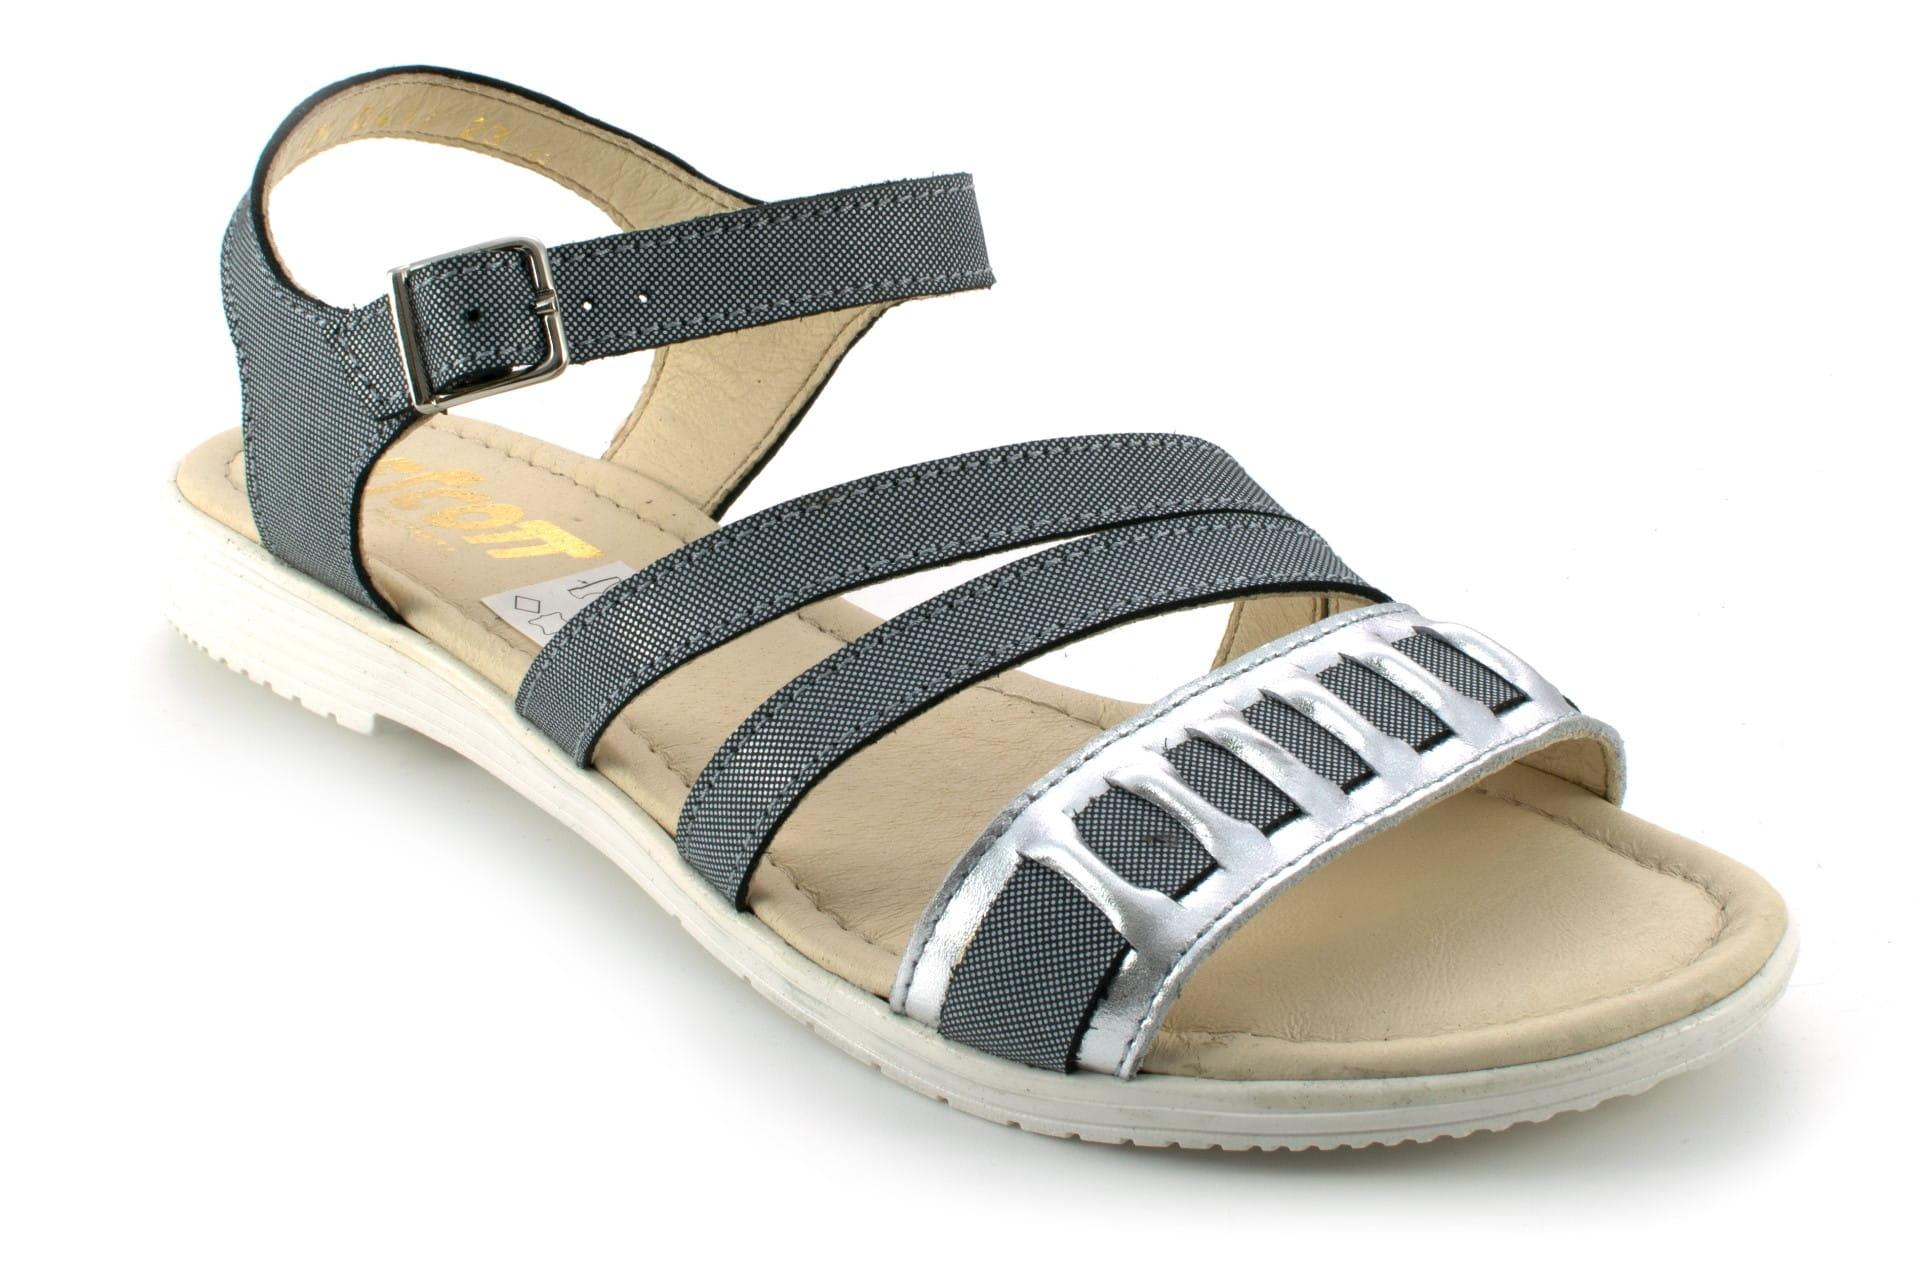 Sandały damskie młodzieżowe, wstawki z gumki, skóra naturalna licowa laminowana beżowy Escott